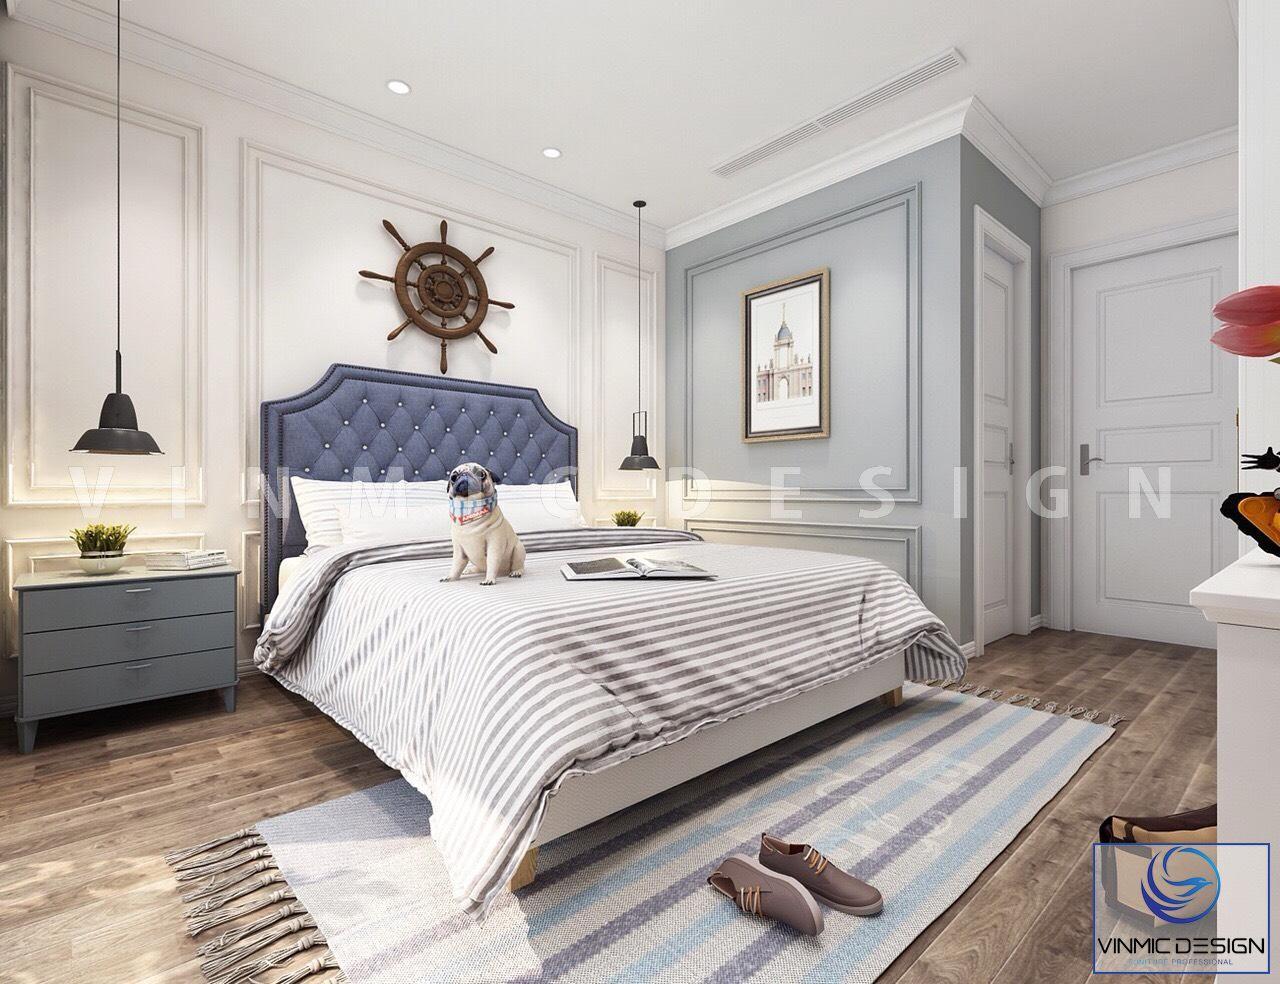 Thiết kế nội thất phòng ngủ cho bé trai đẹp tại biệt thự Vinhomes Imperia Hải Phòng